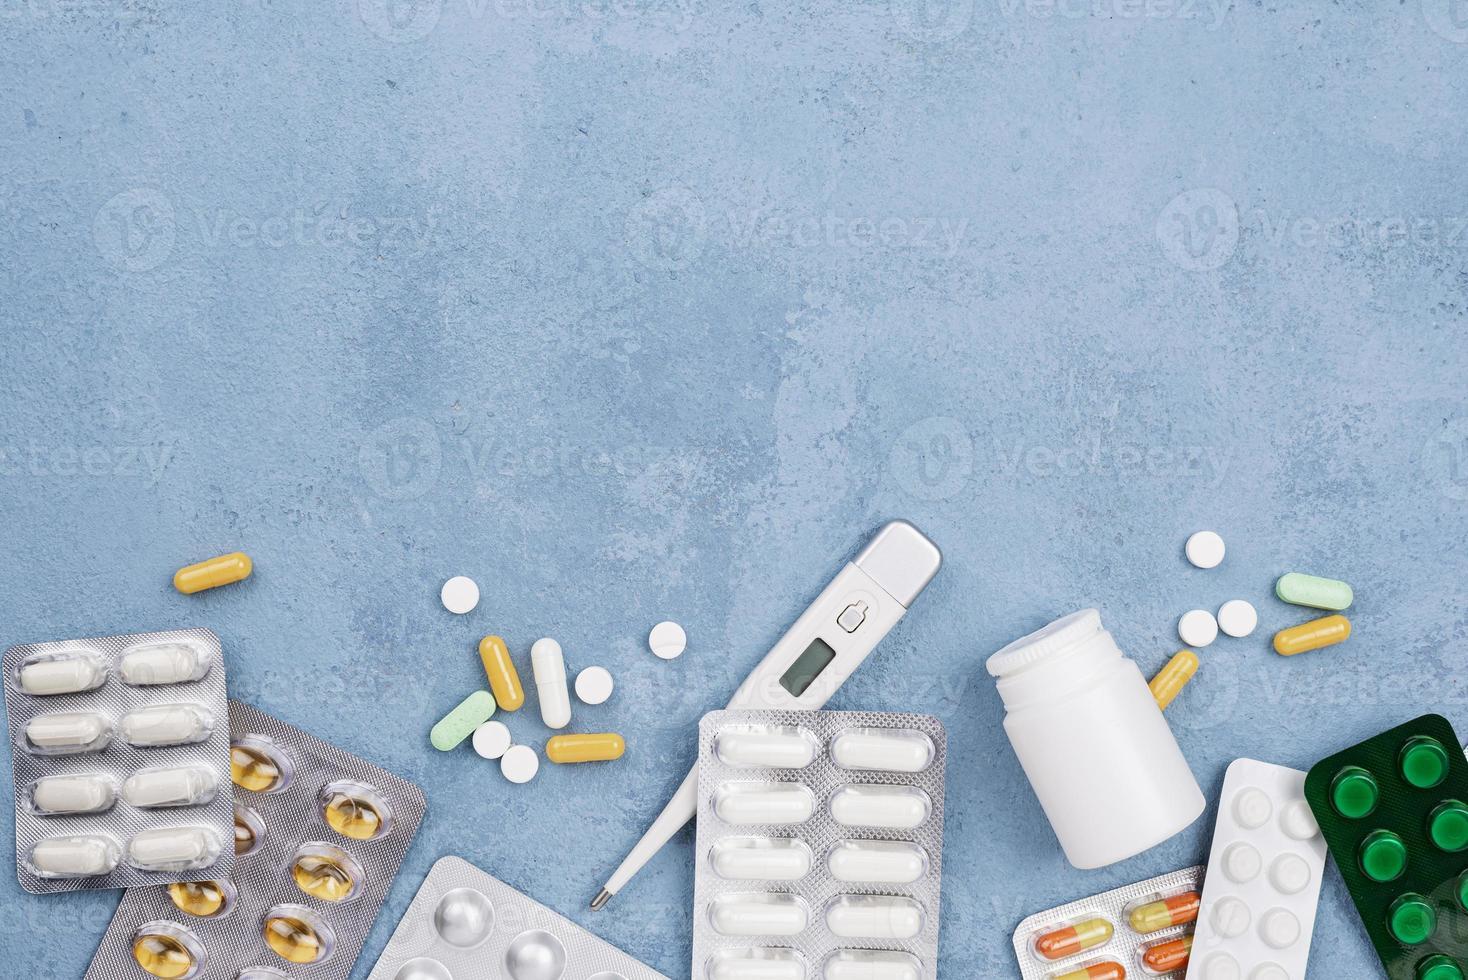 platt låg medicinska element sammansättning på blå bakgrund foto